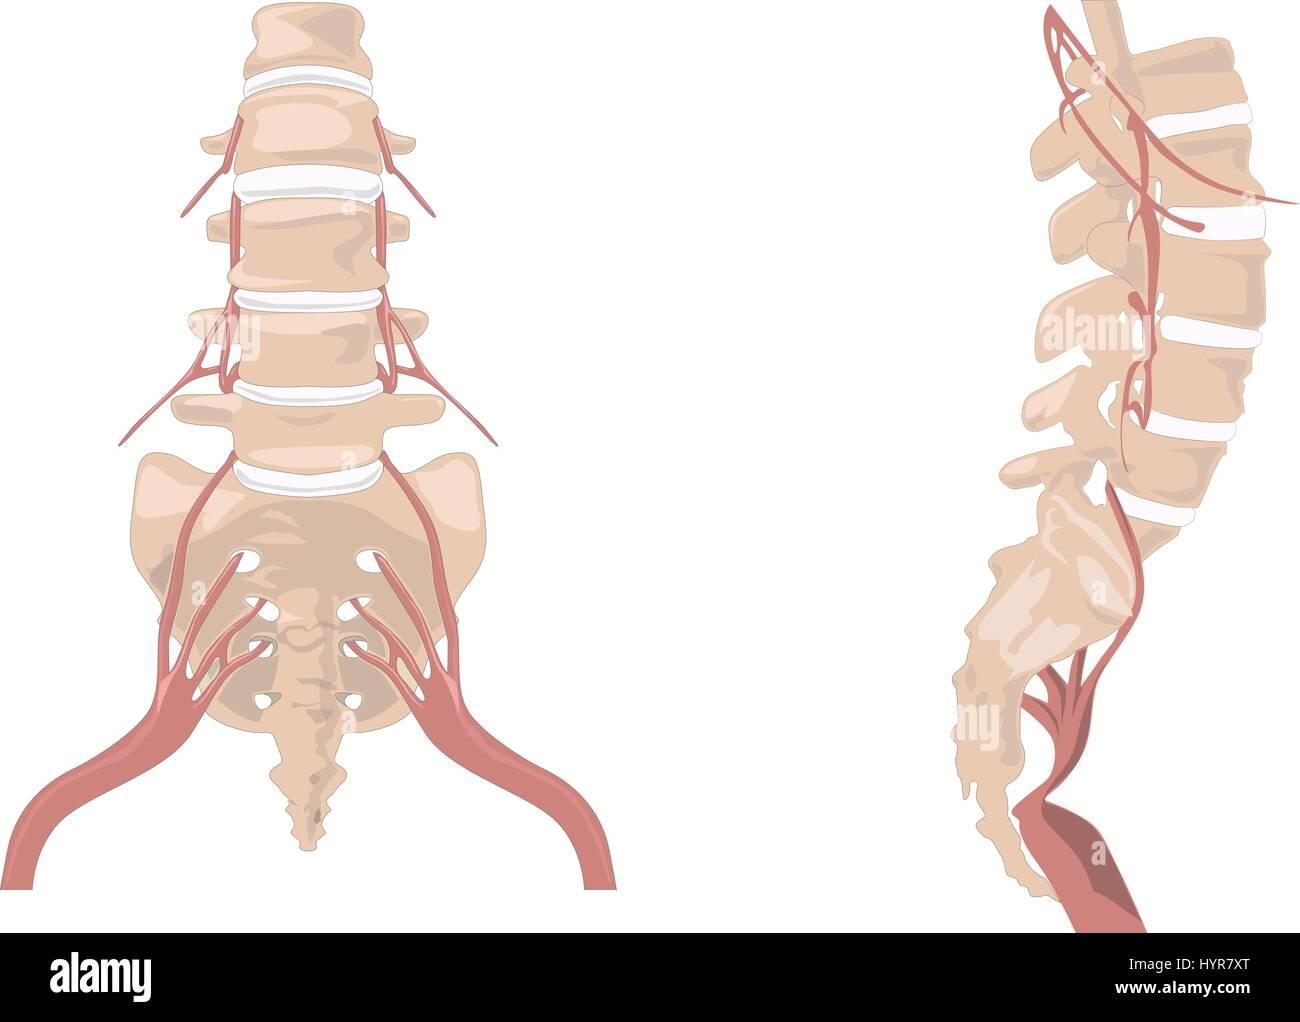 La columna vertebral. Diagrama de la columna vertebral. La columna ...